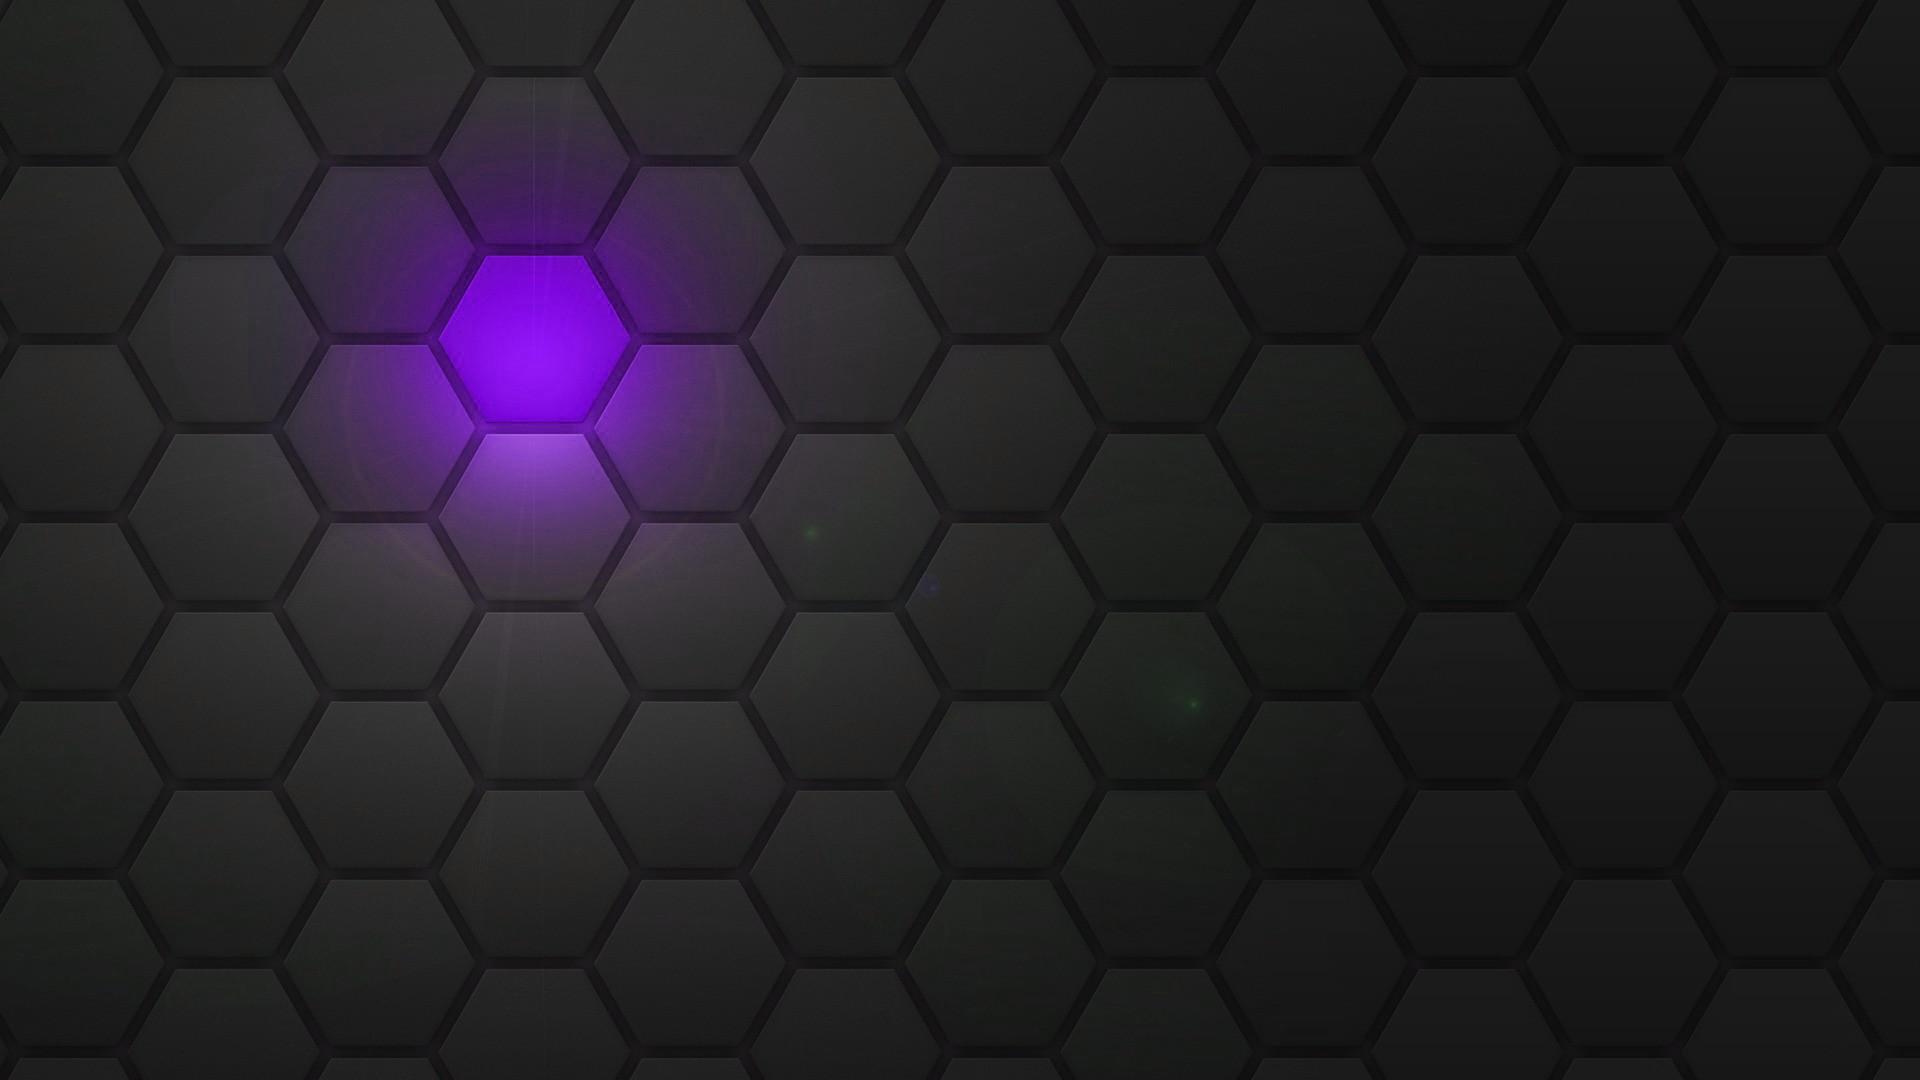 Purple wallpaper 20